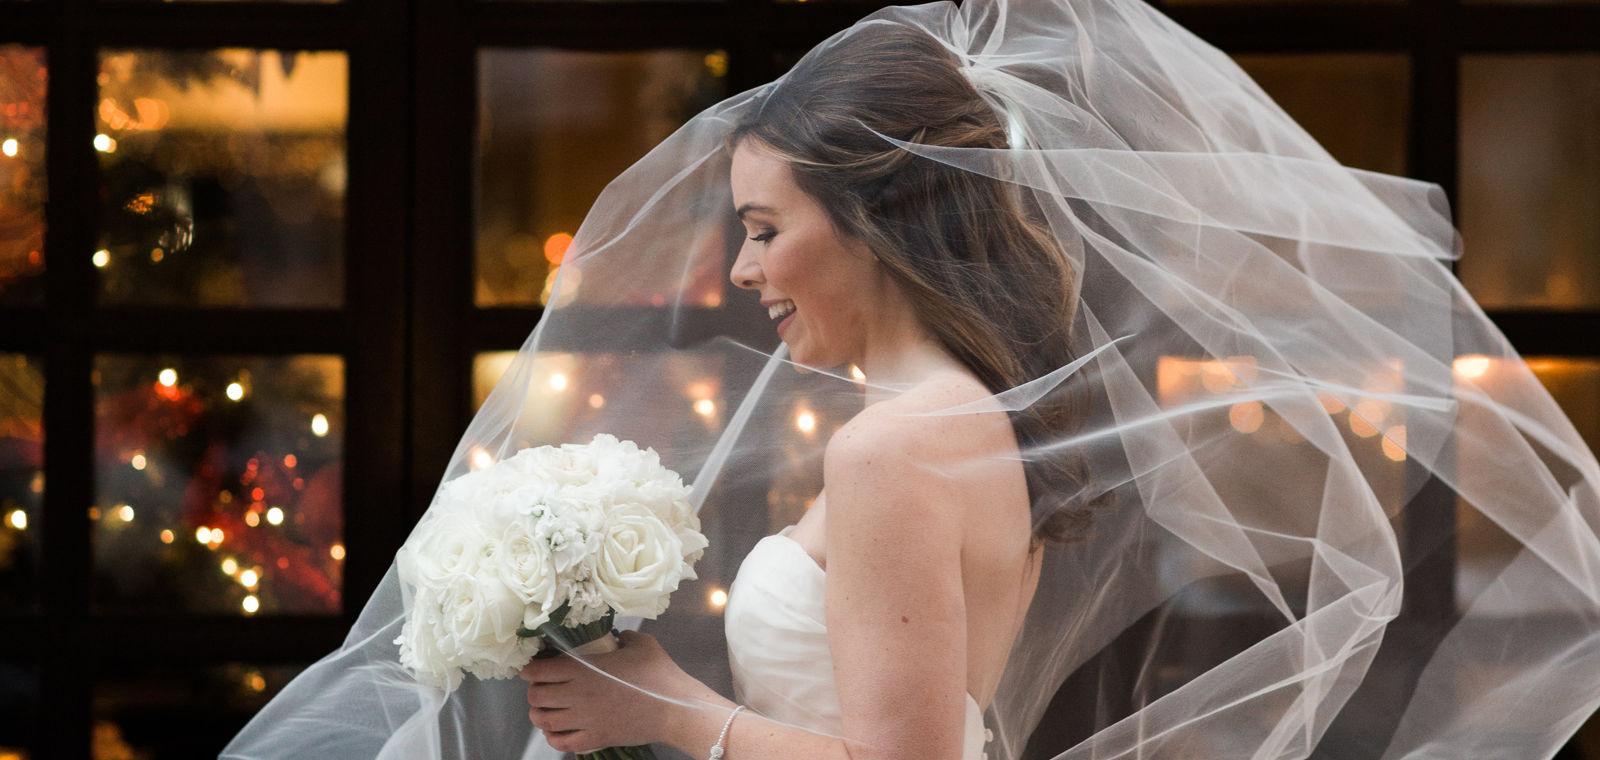 Talbott Hotel_Weddings_Bride Walking with Veil in Air